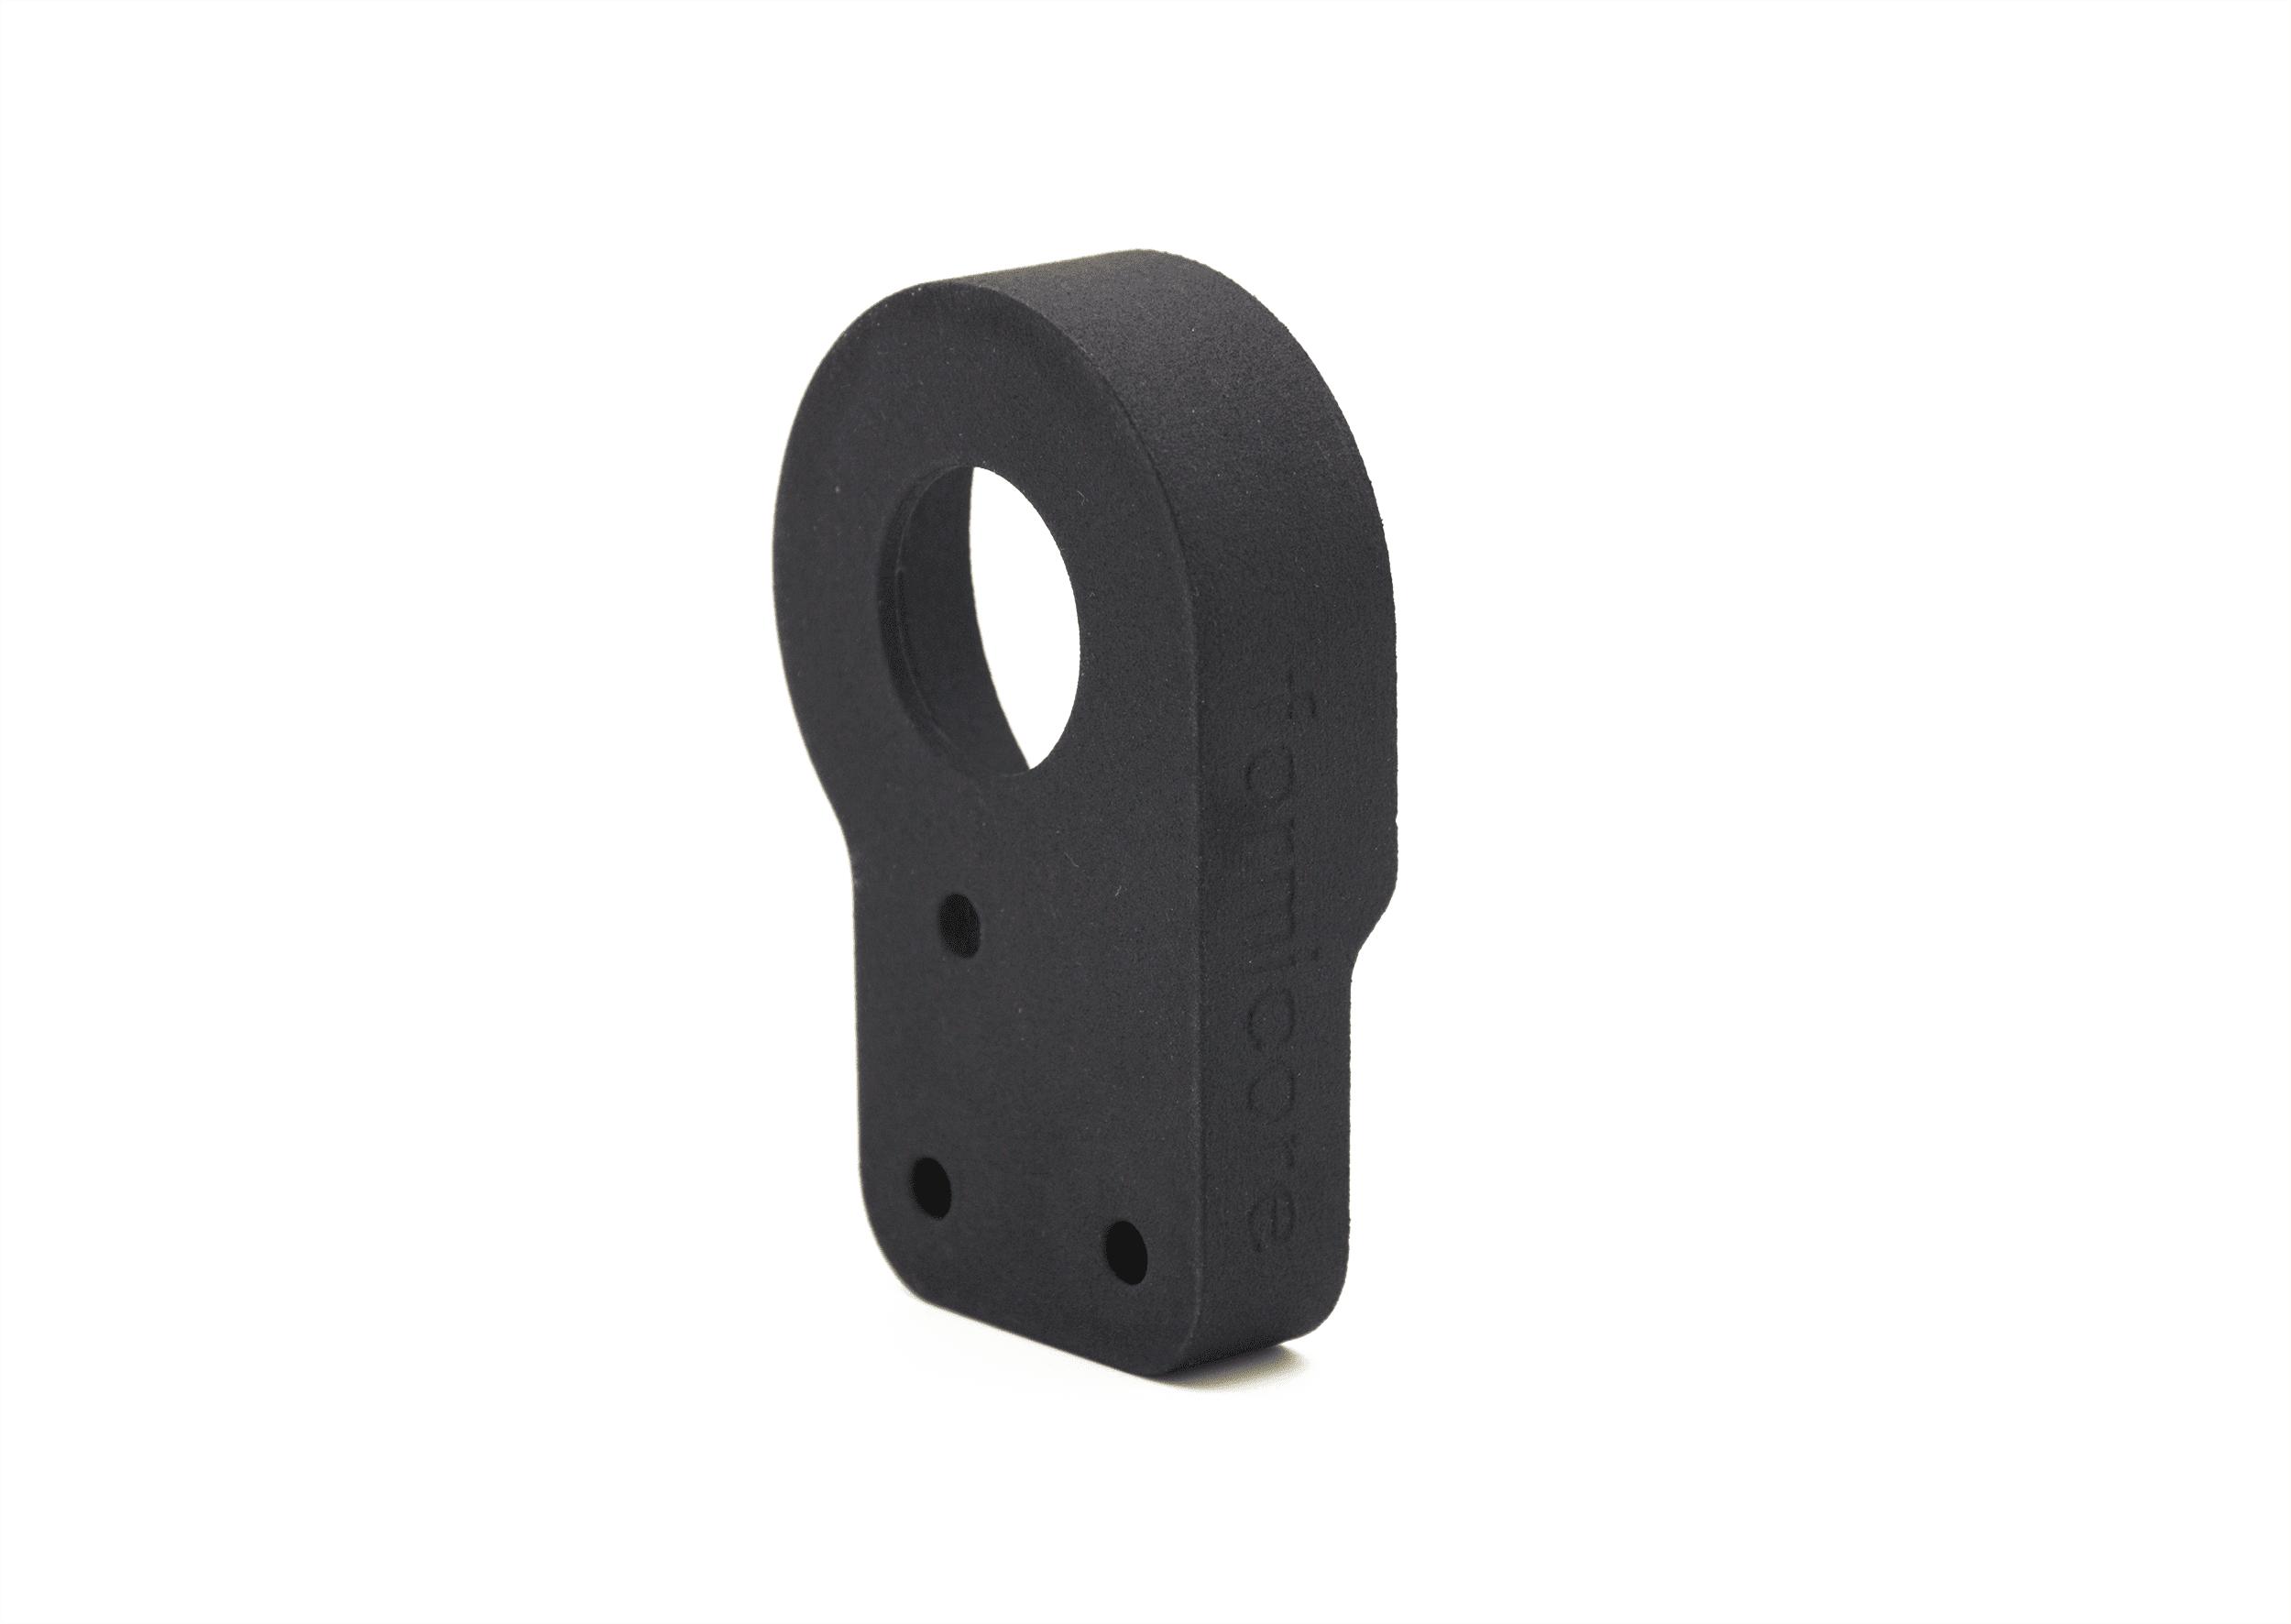 Bauteil mit 3D Druck hergestellt in schwarz